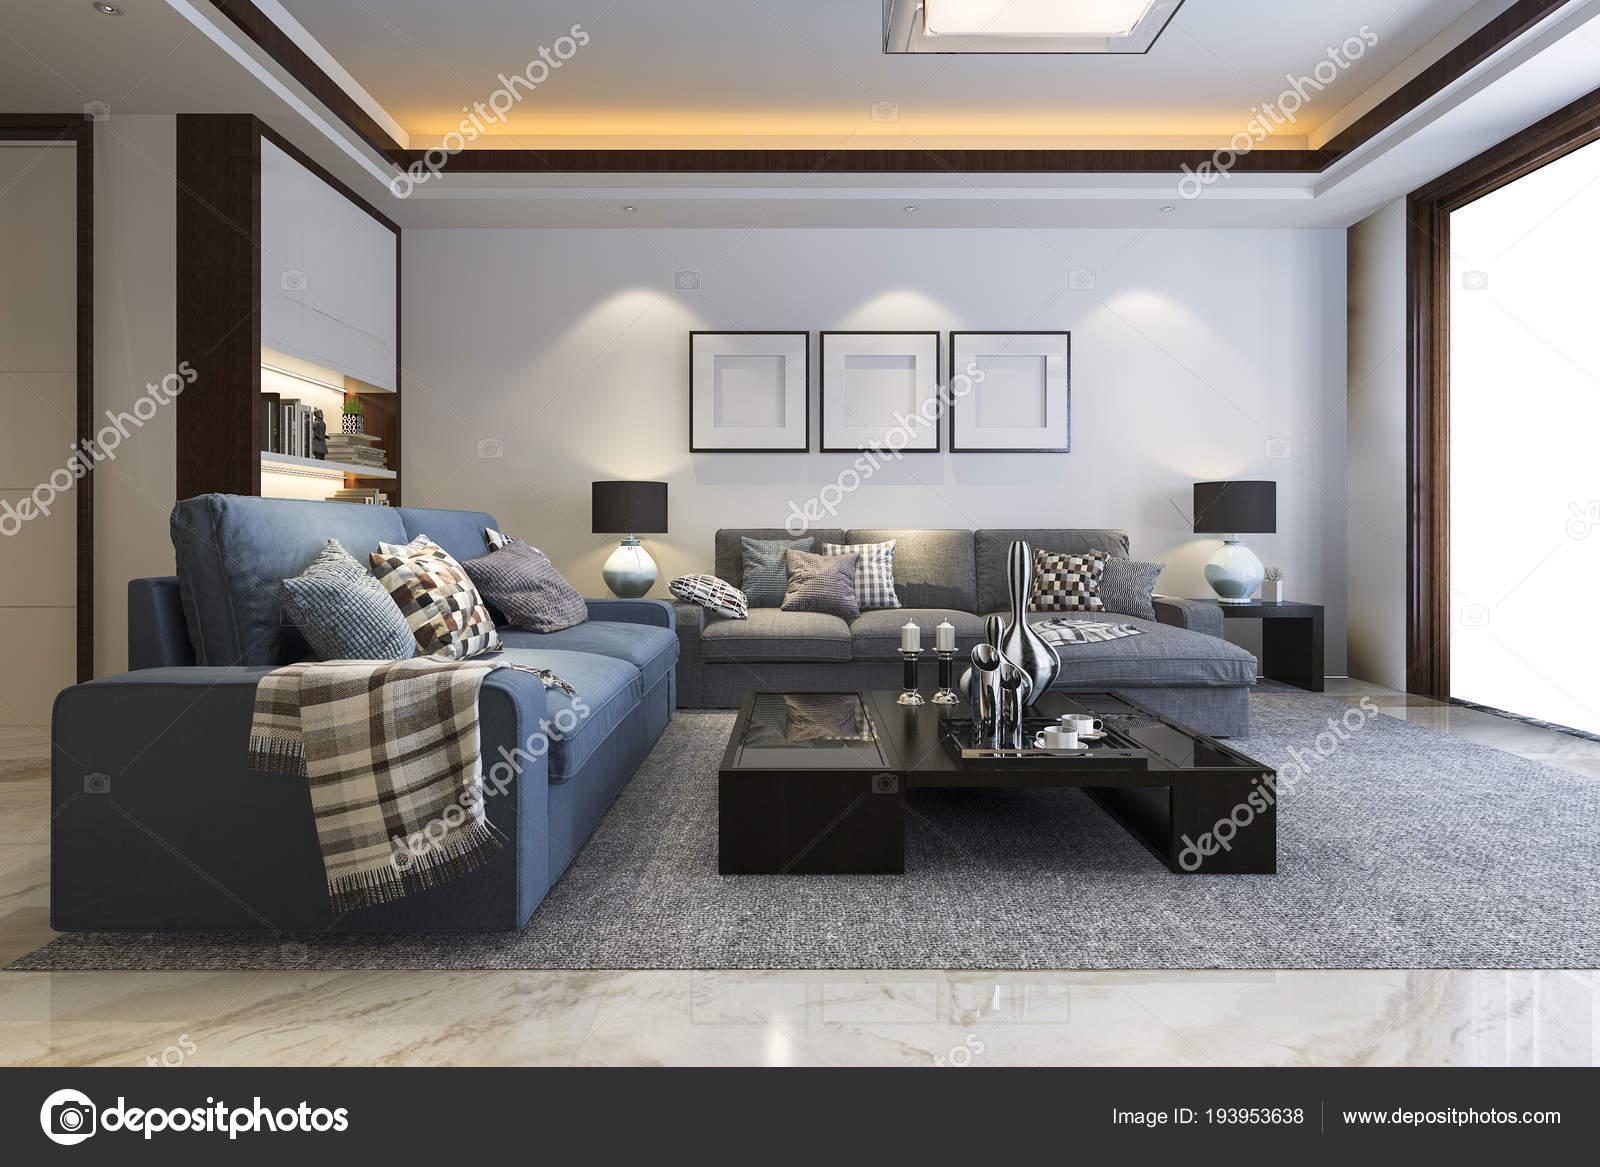 Woonkamer Met Boekenkast : Loft luxe woonkamer met boekenkast u2014 stockfoto © dit26978 #193953638